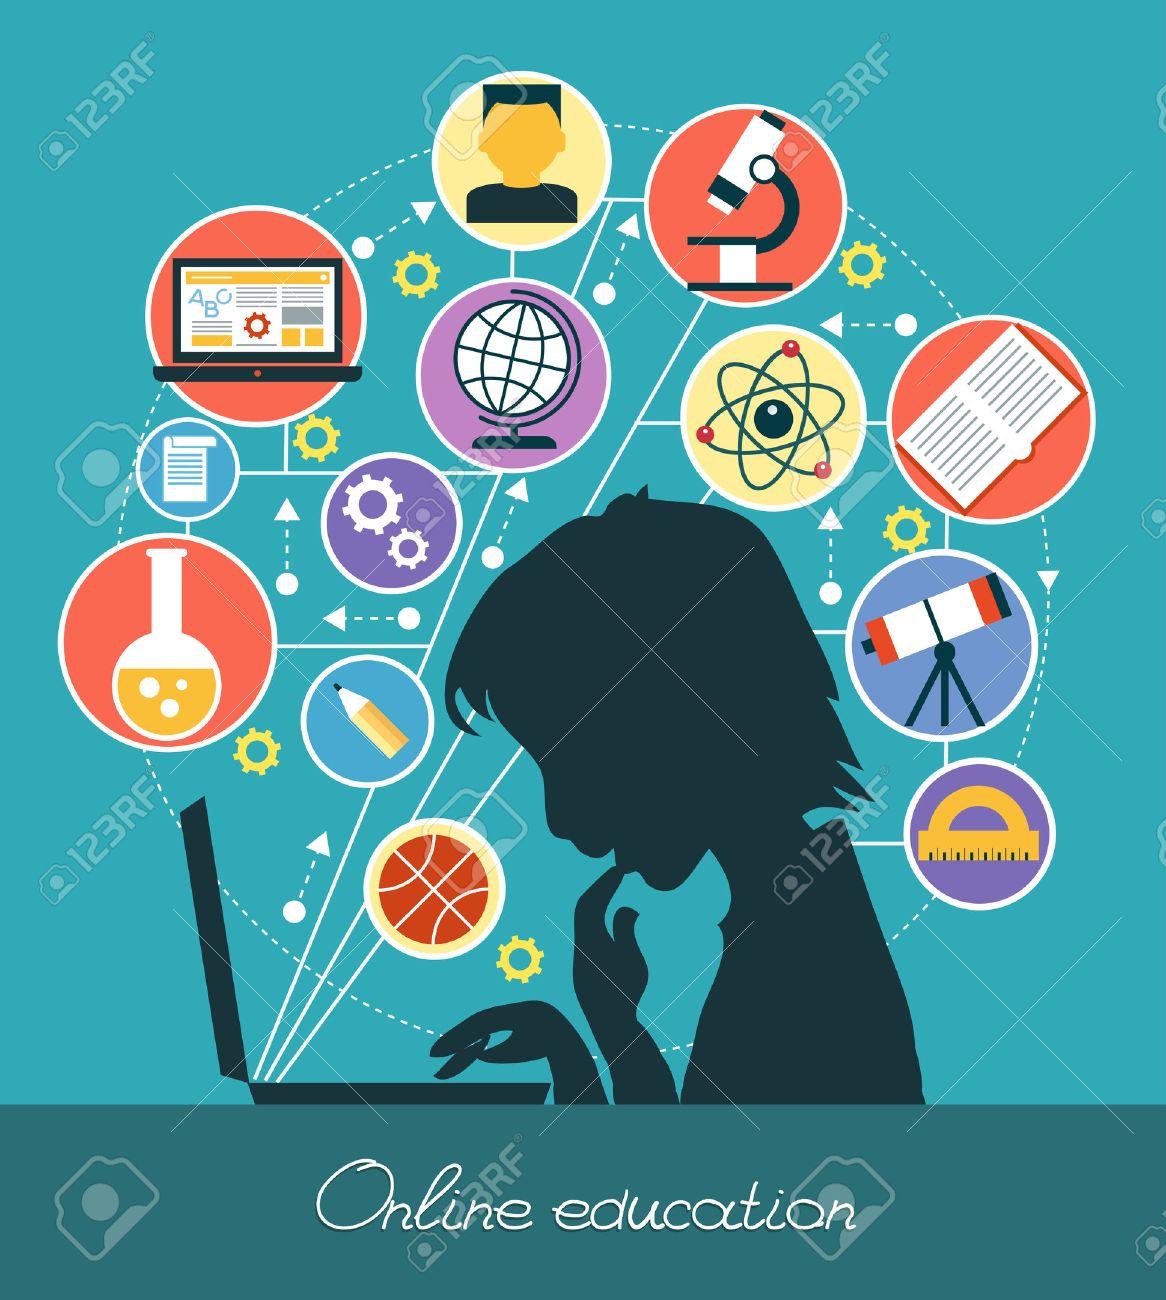 Icons Bildung. Silhouette eines Jungen von Icons von Bildung umgeben. Konzept der Online-Bildung. Standard-Bild - 47623944